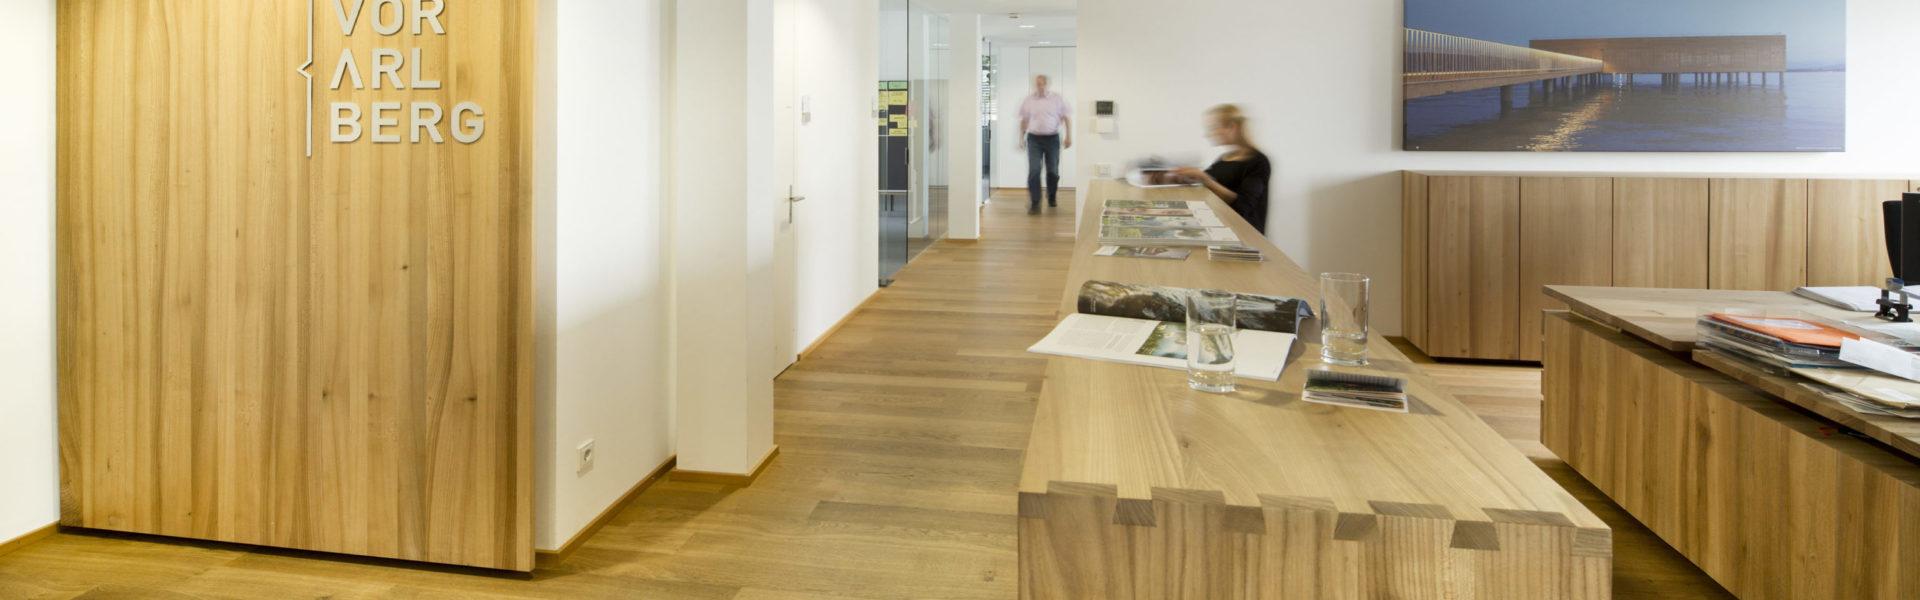 Büro der Vorarlberg Tourismus GmbH, Dornbirn (c) Petra Rainer / Vorarlberg Tourismus GmbH